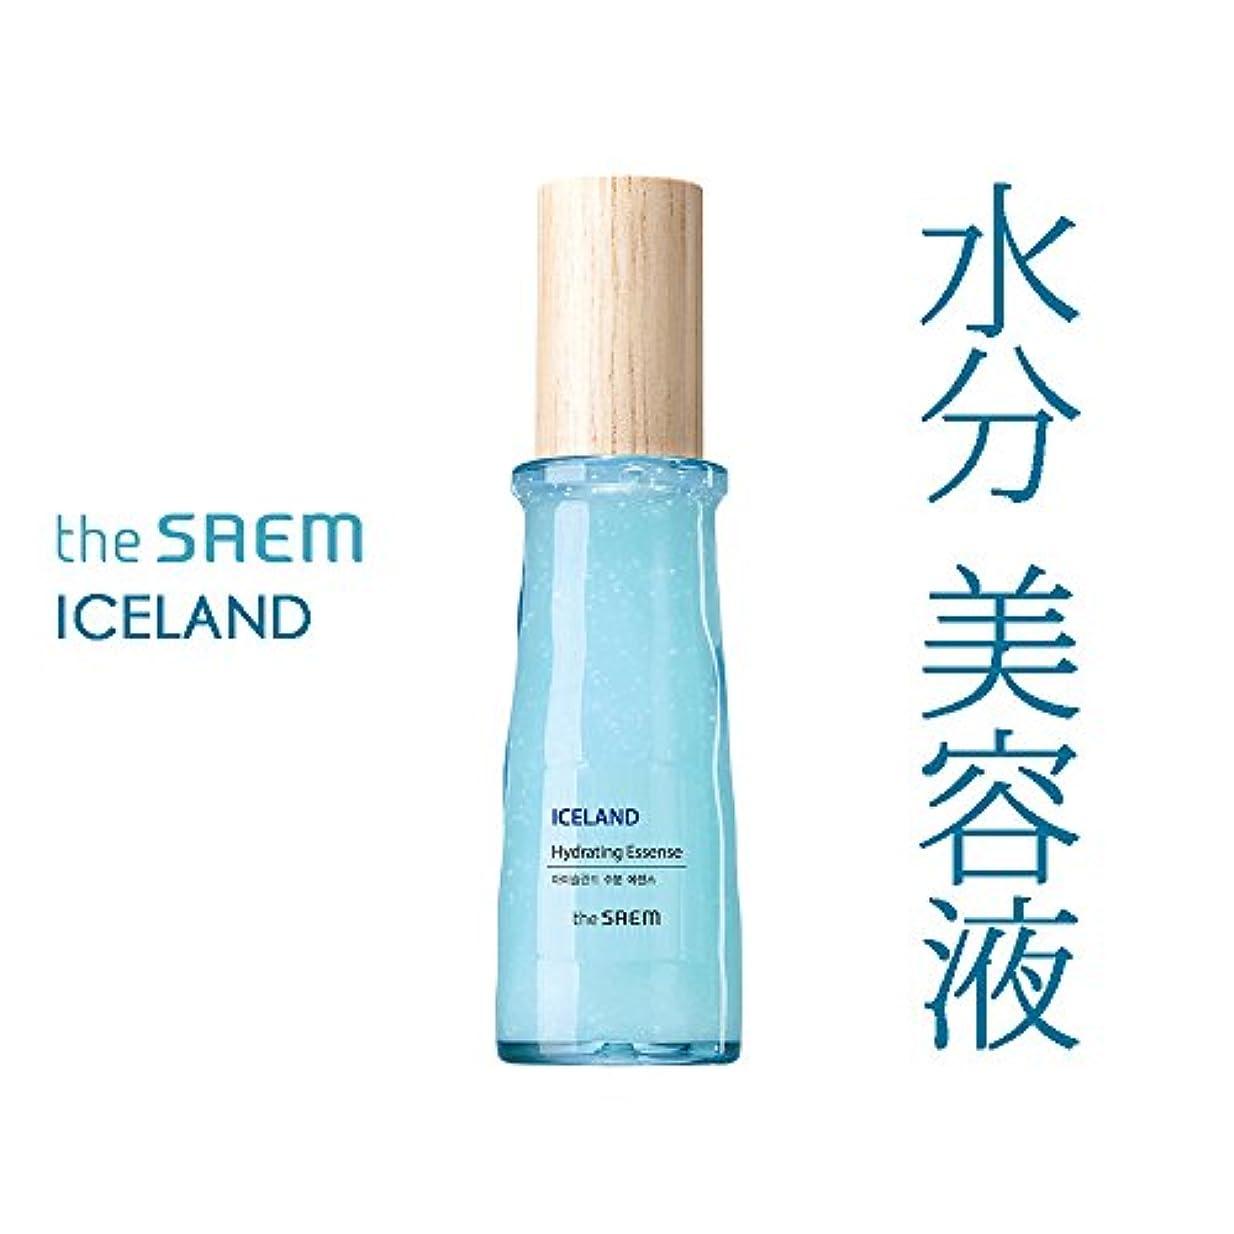 スライム選挙宣言ザ セム The saem アイスランド 水分 美容液 エッセンス The Saem Iceland Hydrating Essence 60ml